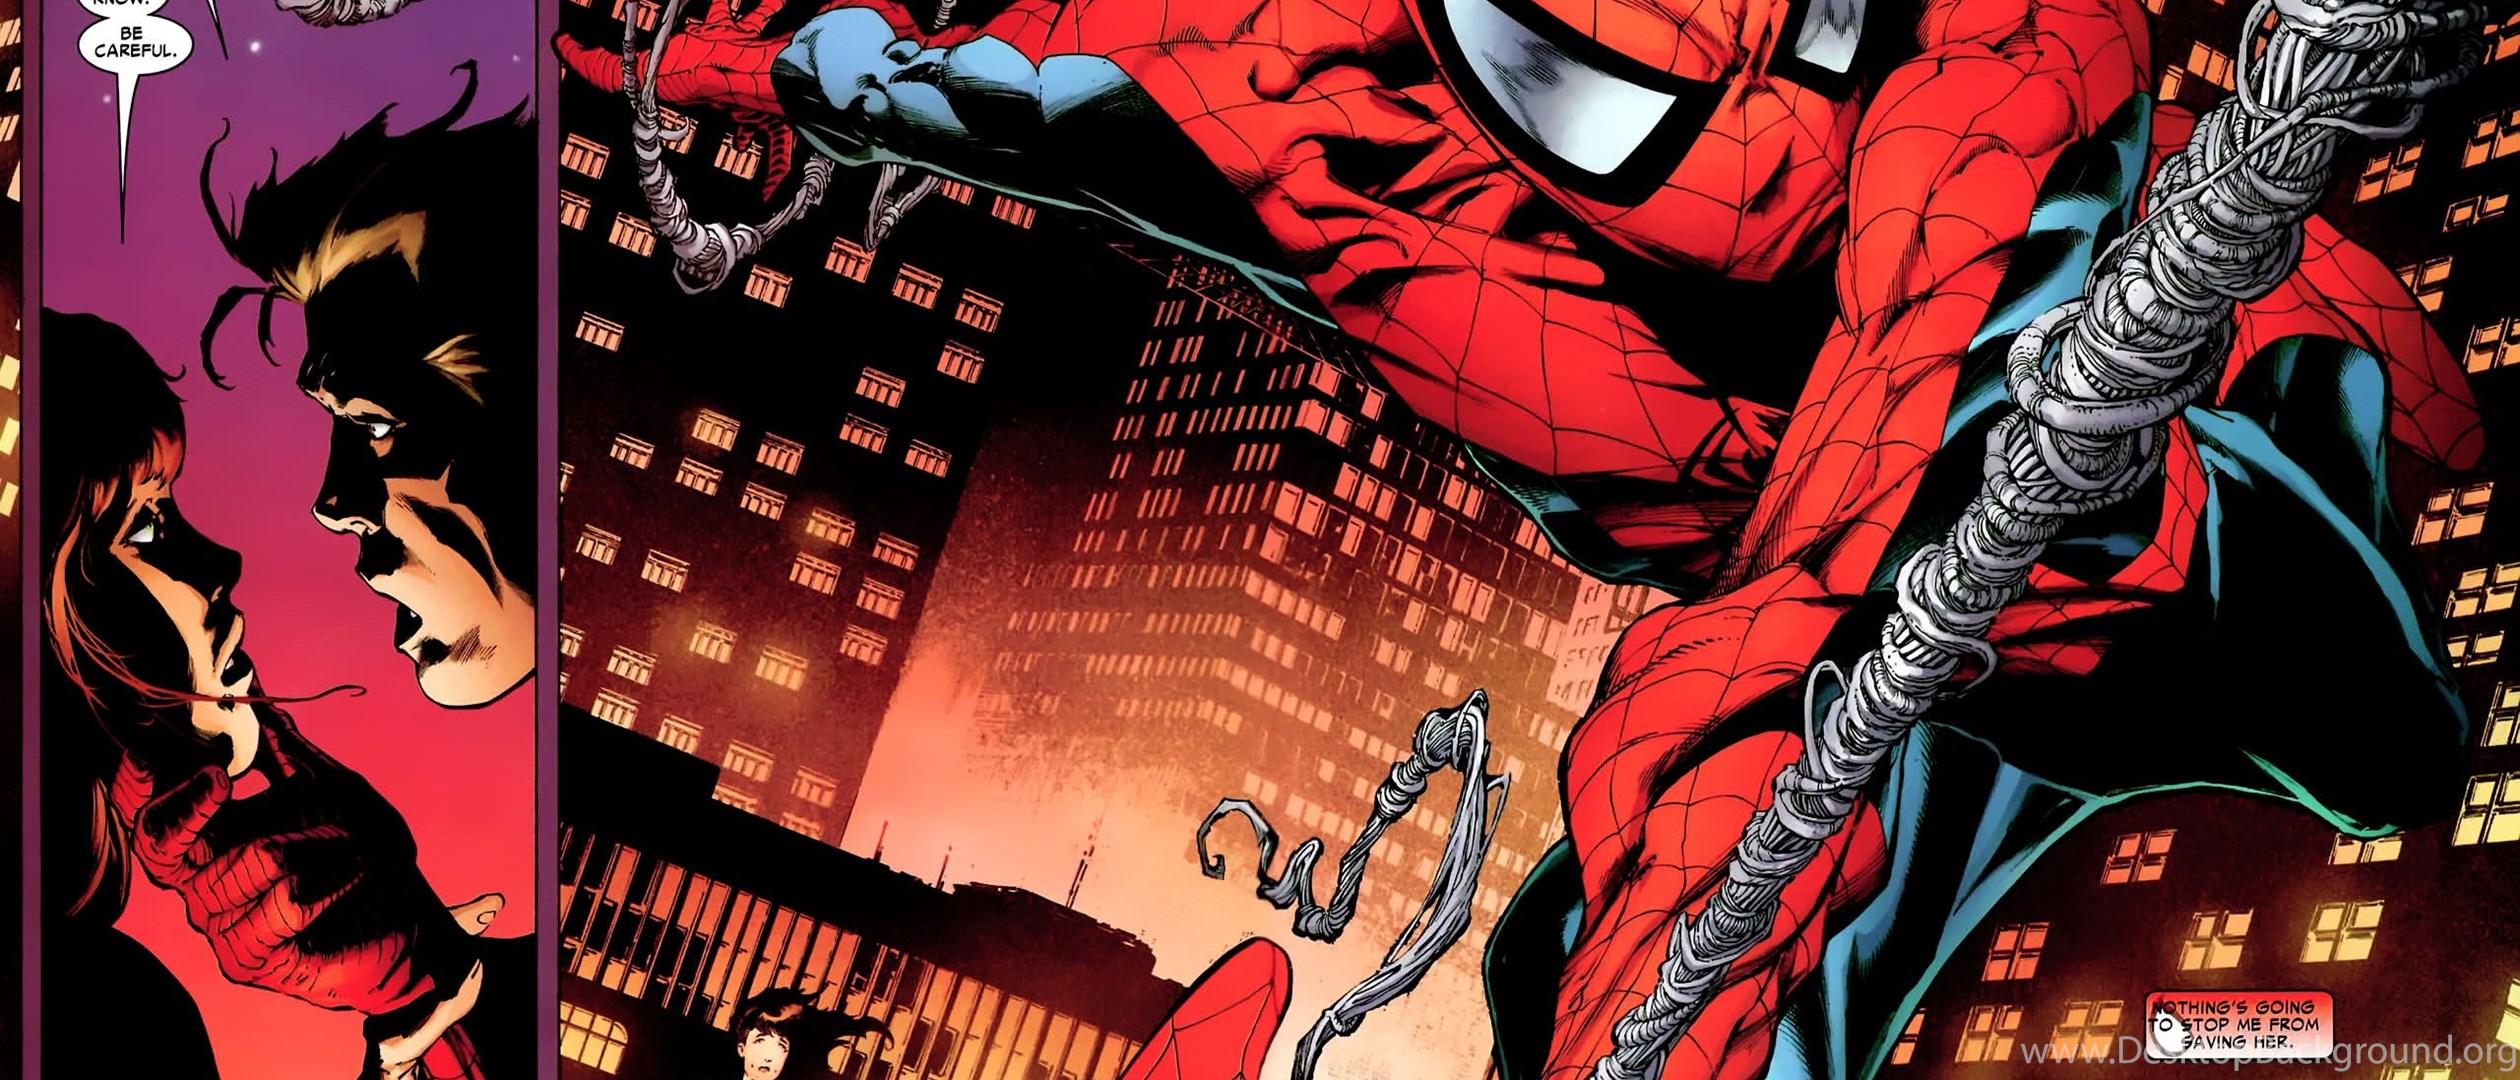 Spiderman Comics Spider Man Superhero Wallpapers Desktop Background